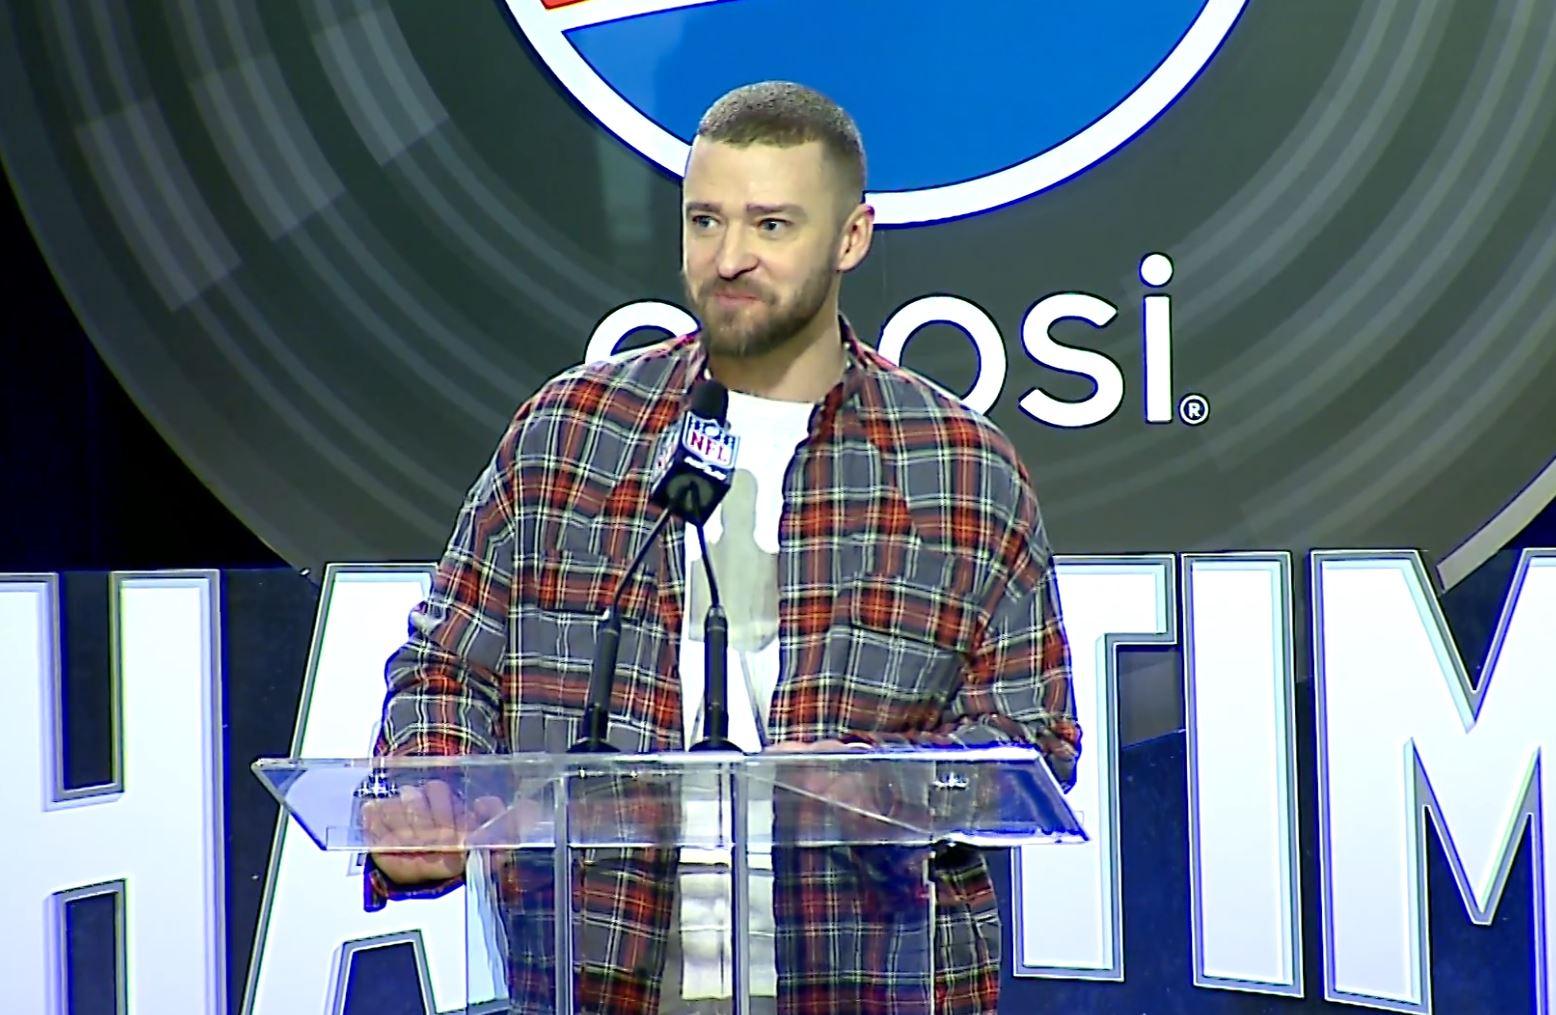 Justin Timberlake Generic Super Bowl LII_514183